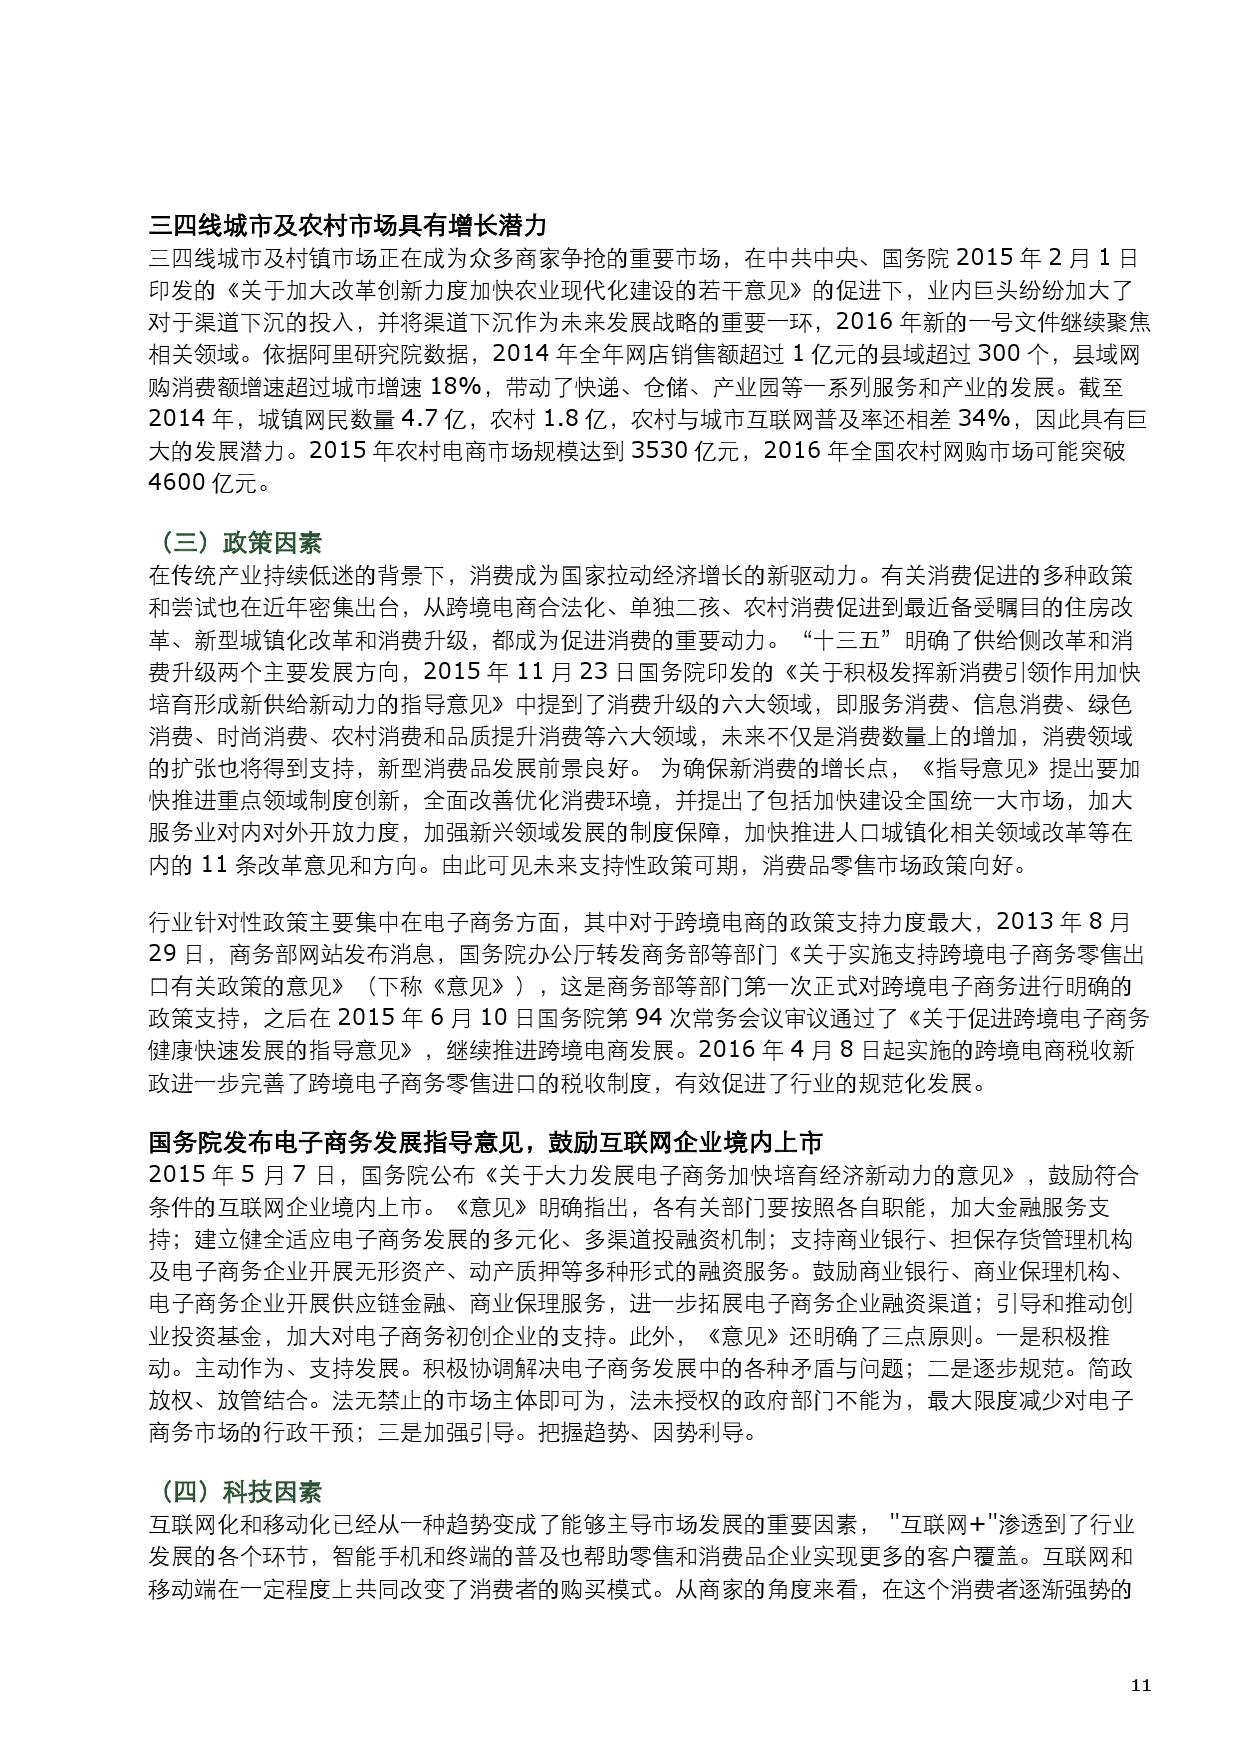 2015中国零售产业投资促进报告_000019